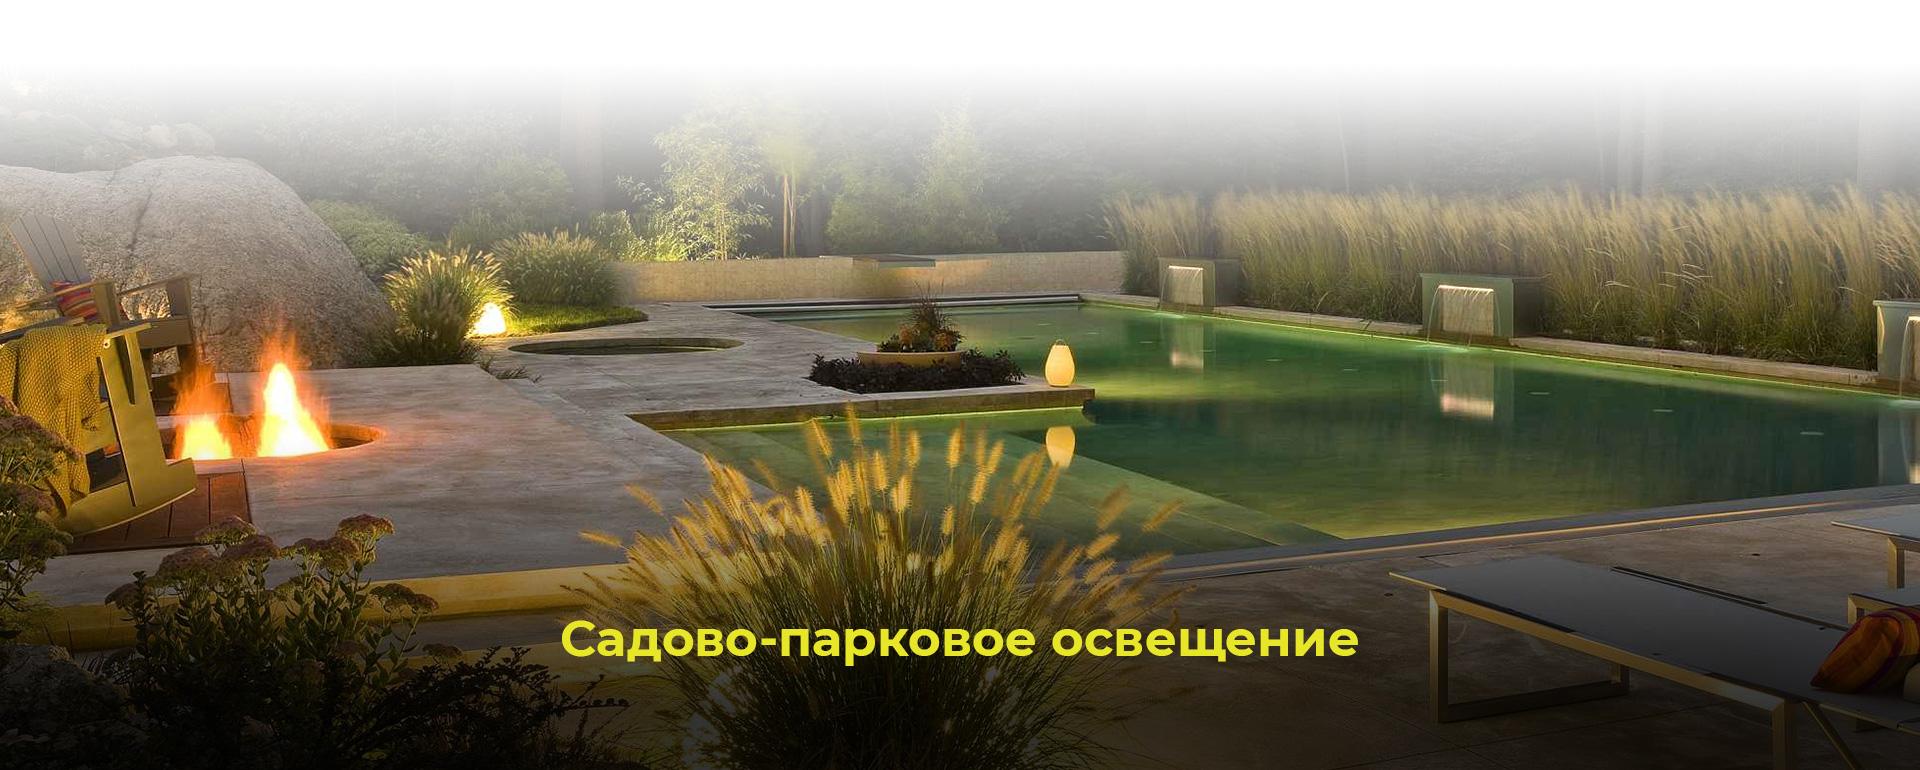 Садово-парковое